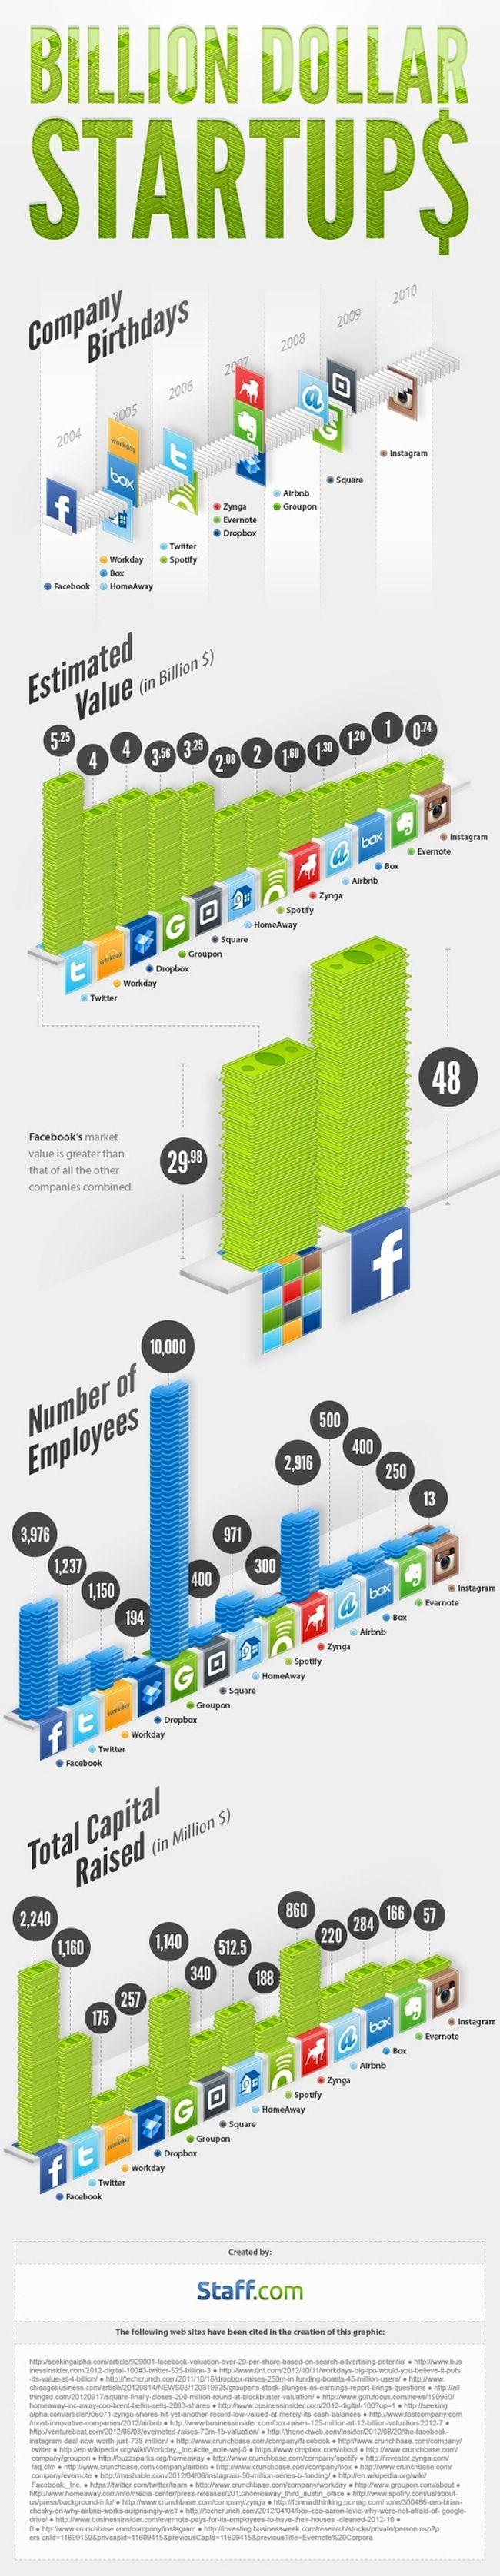 """48 milliards de dollars de valorisation pour Facebook... 13 employés pour Instagram... 500 millions de dollars levés par Airbnb ... Proposée par Staff.com,l'infographieci-dessous illustre les plus grands succès des startups du Web.  On constate que si les réseaux sociaux """"grand publi"""